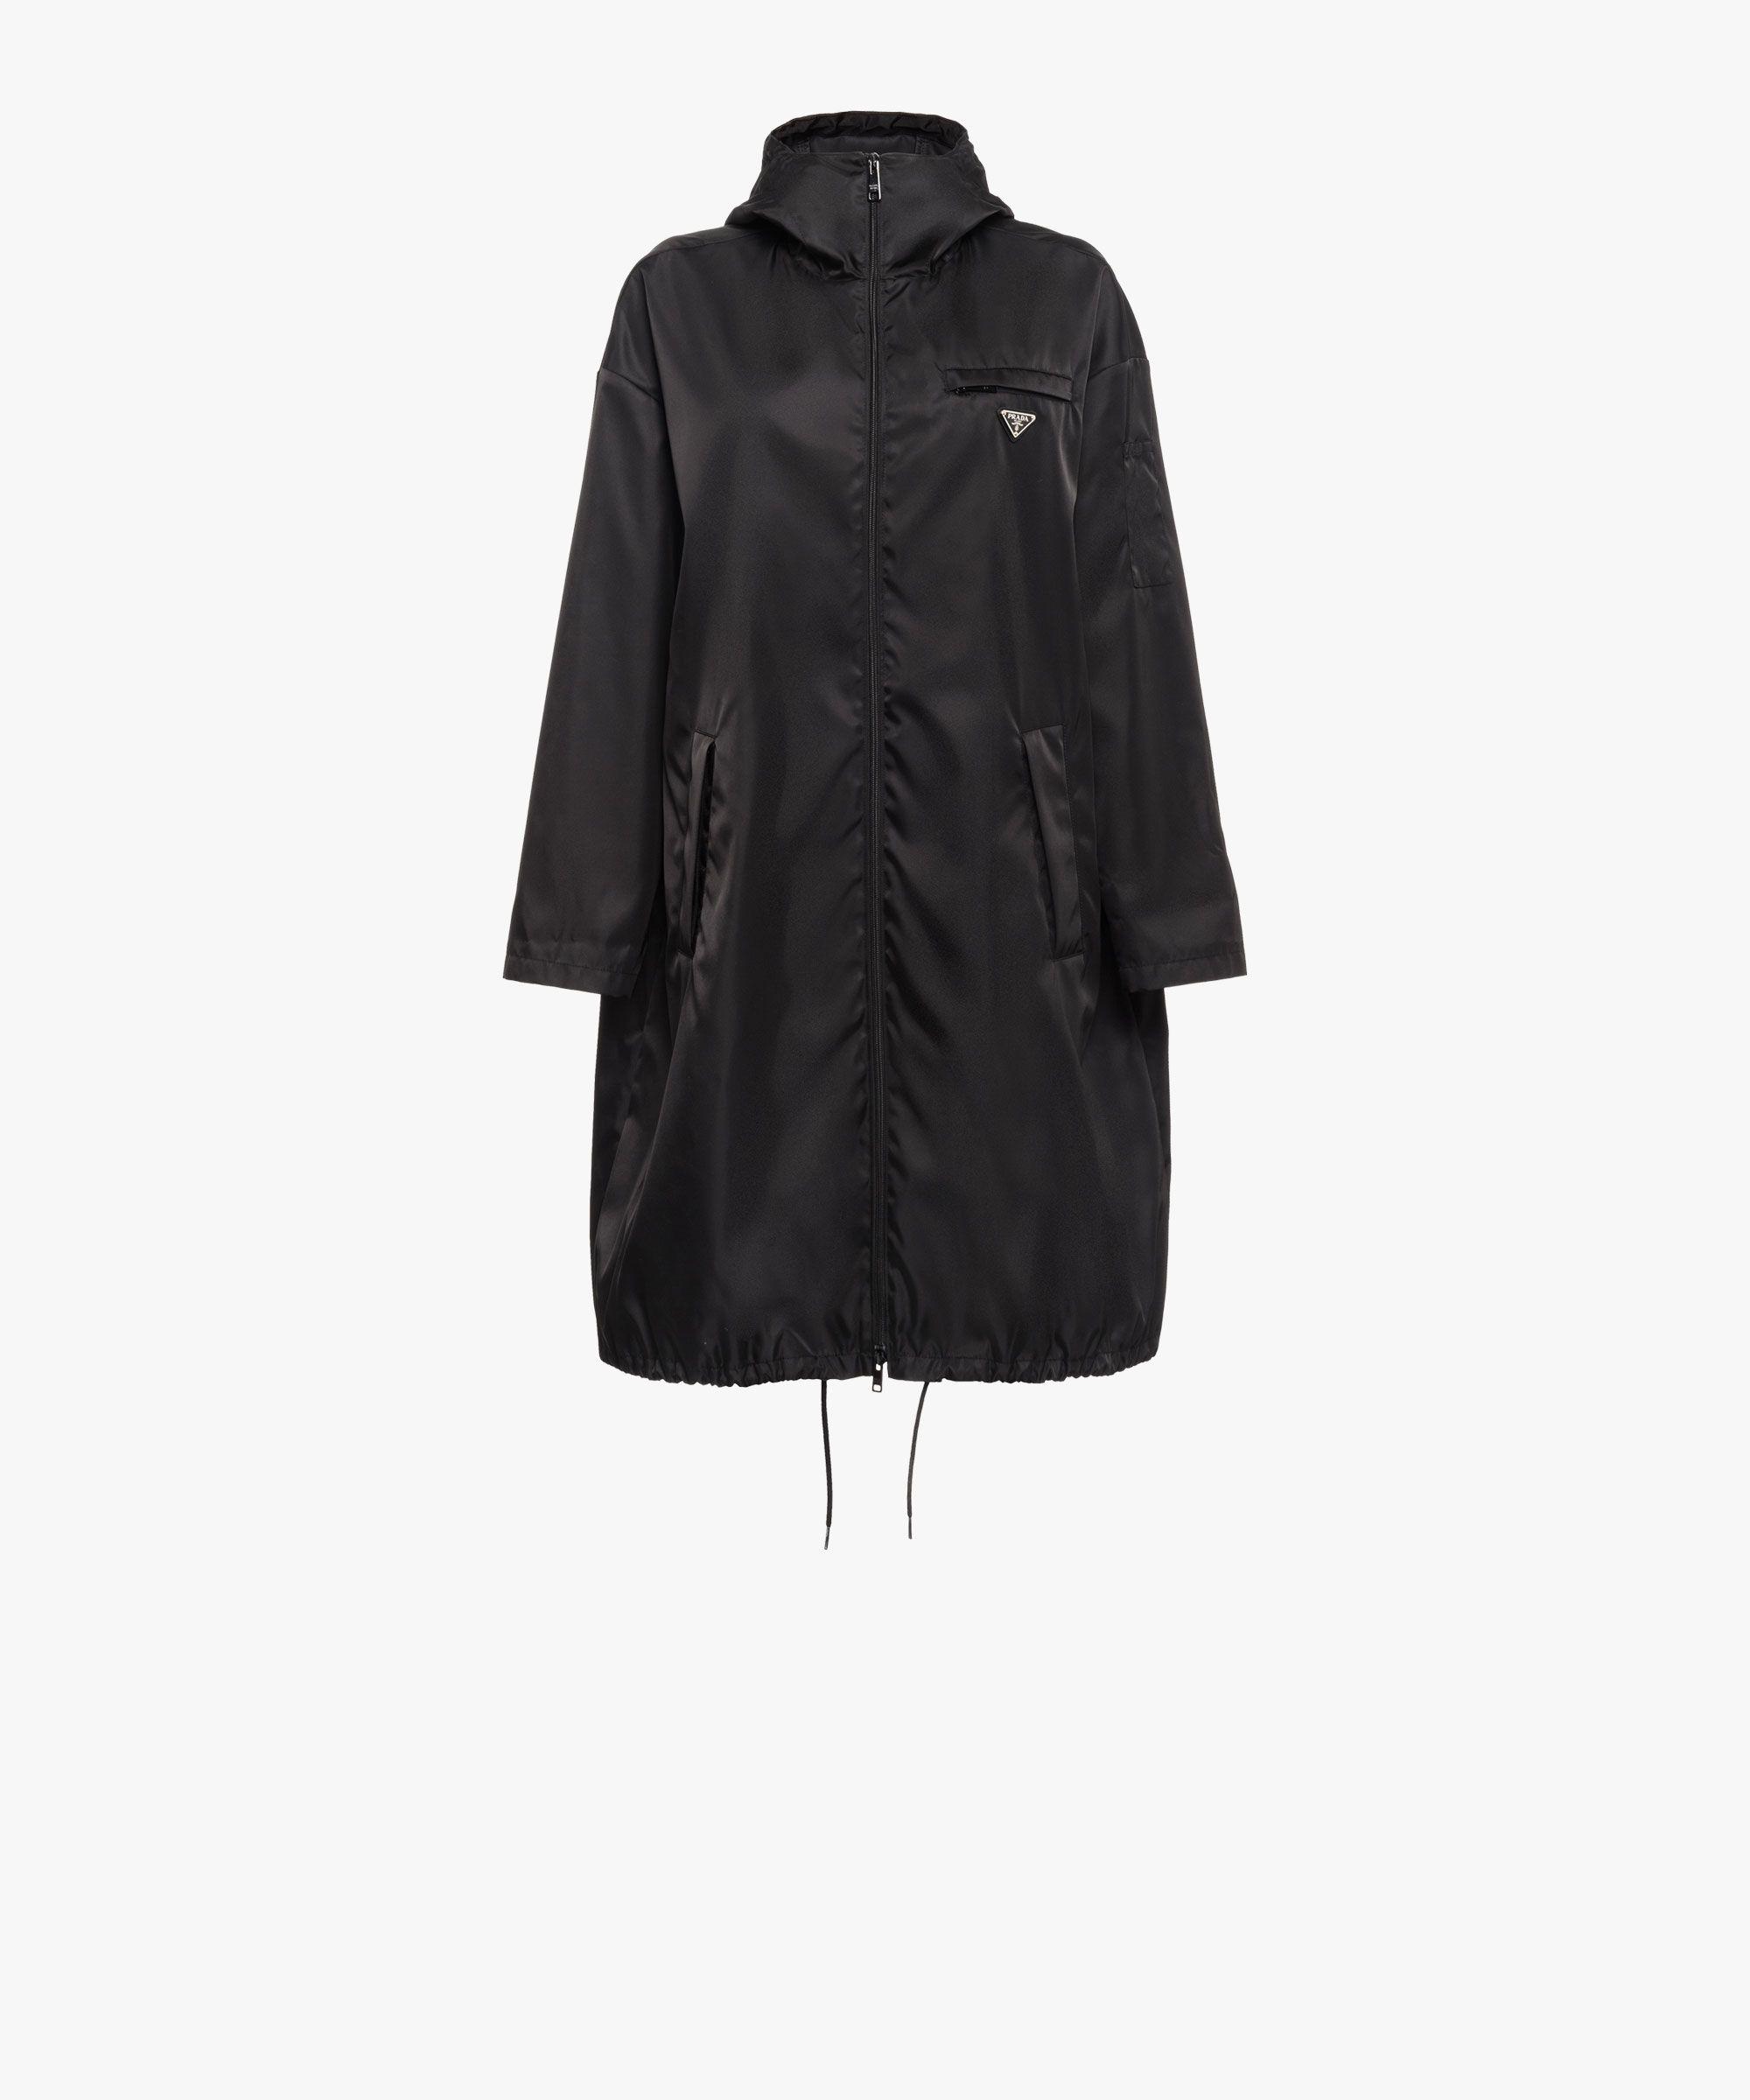 Pin Di Coats Jackets [ 2400 x 2000 Pixel ]